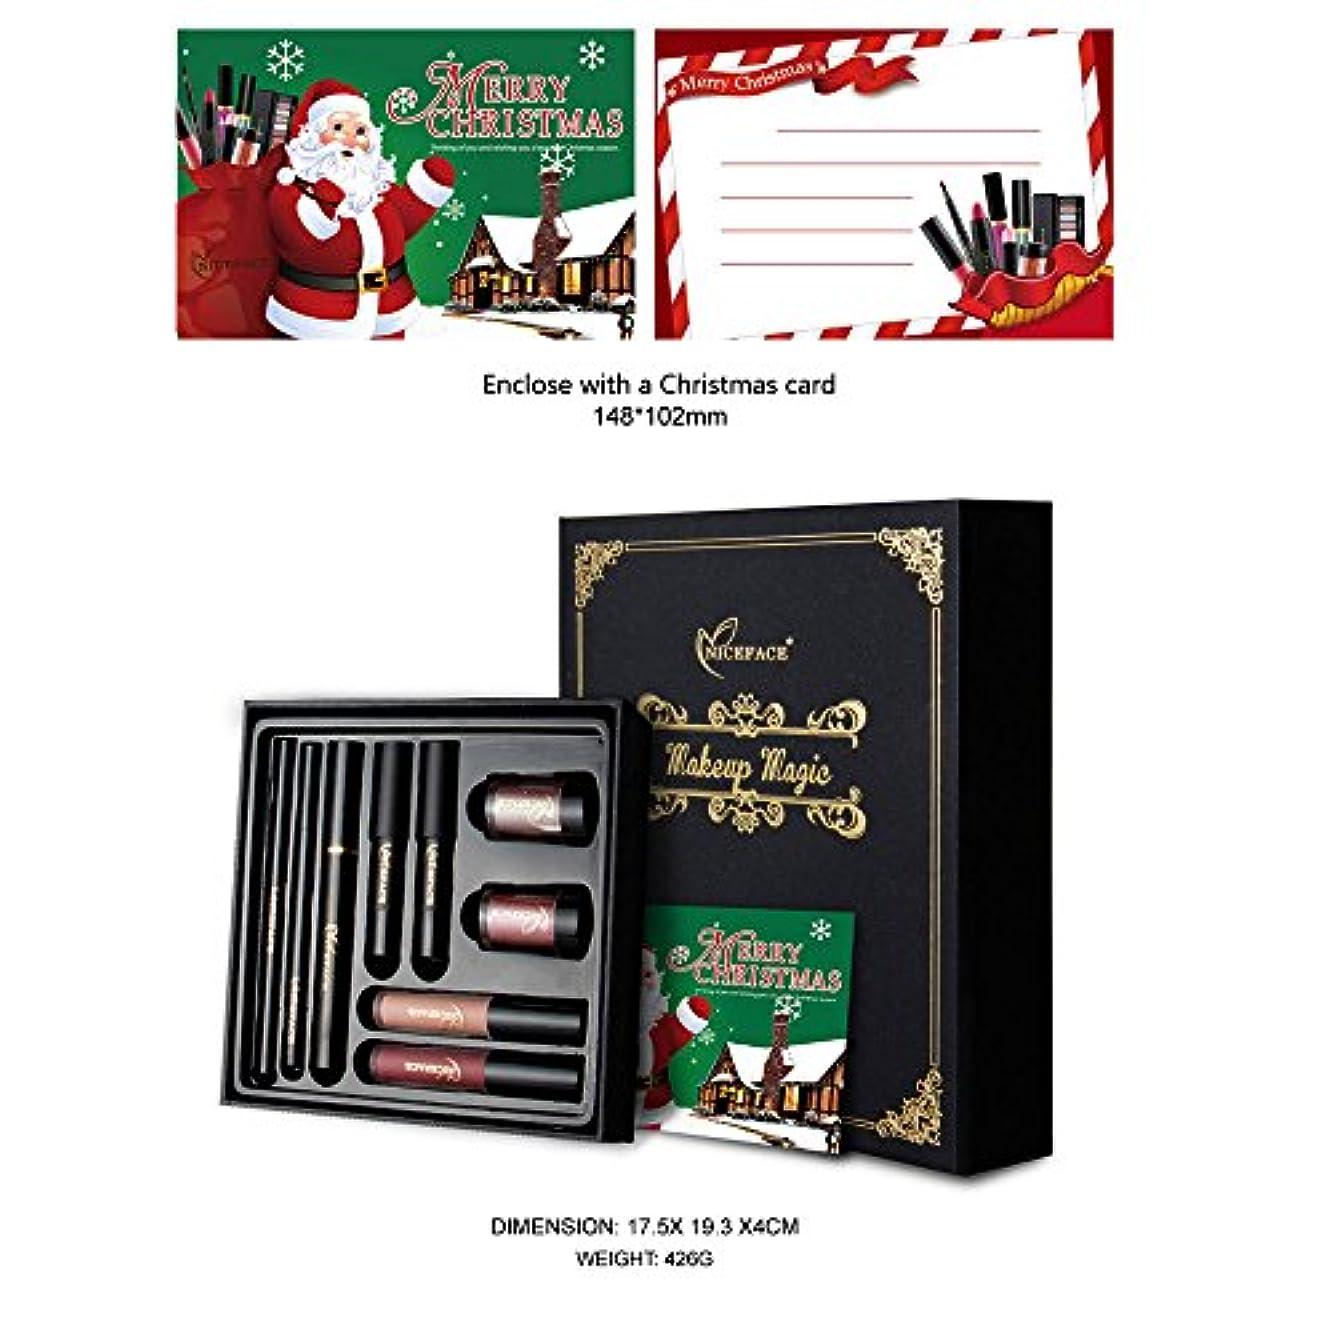 取る本土味クリスマスメイクキットギフトセットアイシャドウパウダーリップグロスアイラッシュリップスティックキット